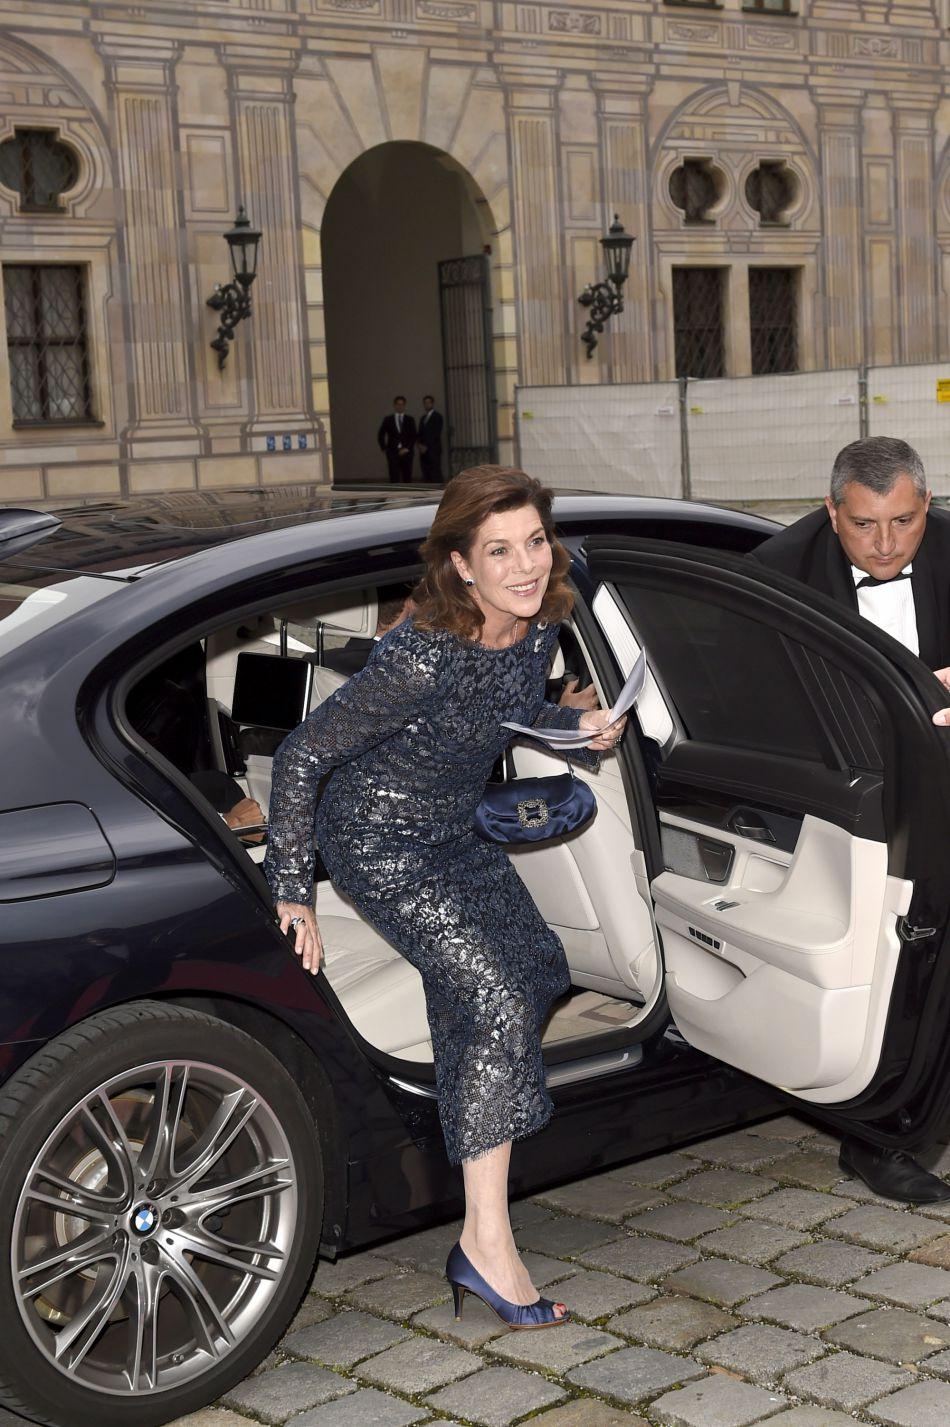 Présidente de l'Amade depuis 1993, Caroline de Monaco a assisté à un gala de bienfaisance, vêtue d'une ravissante robe brillante.